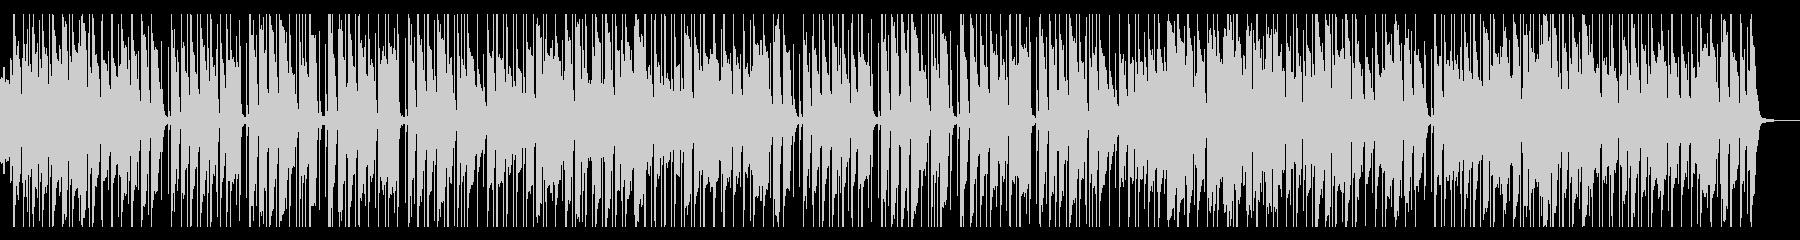 ウキウキ楽しい日常の一コマの未再生の波形